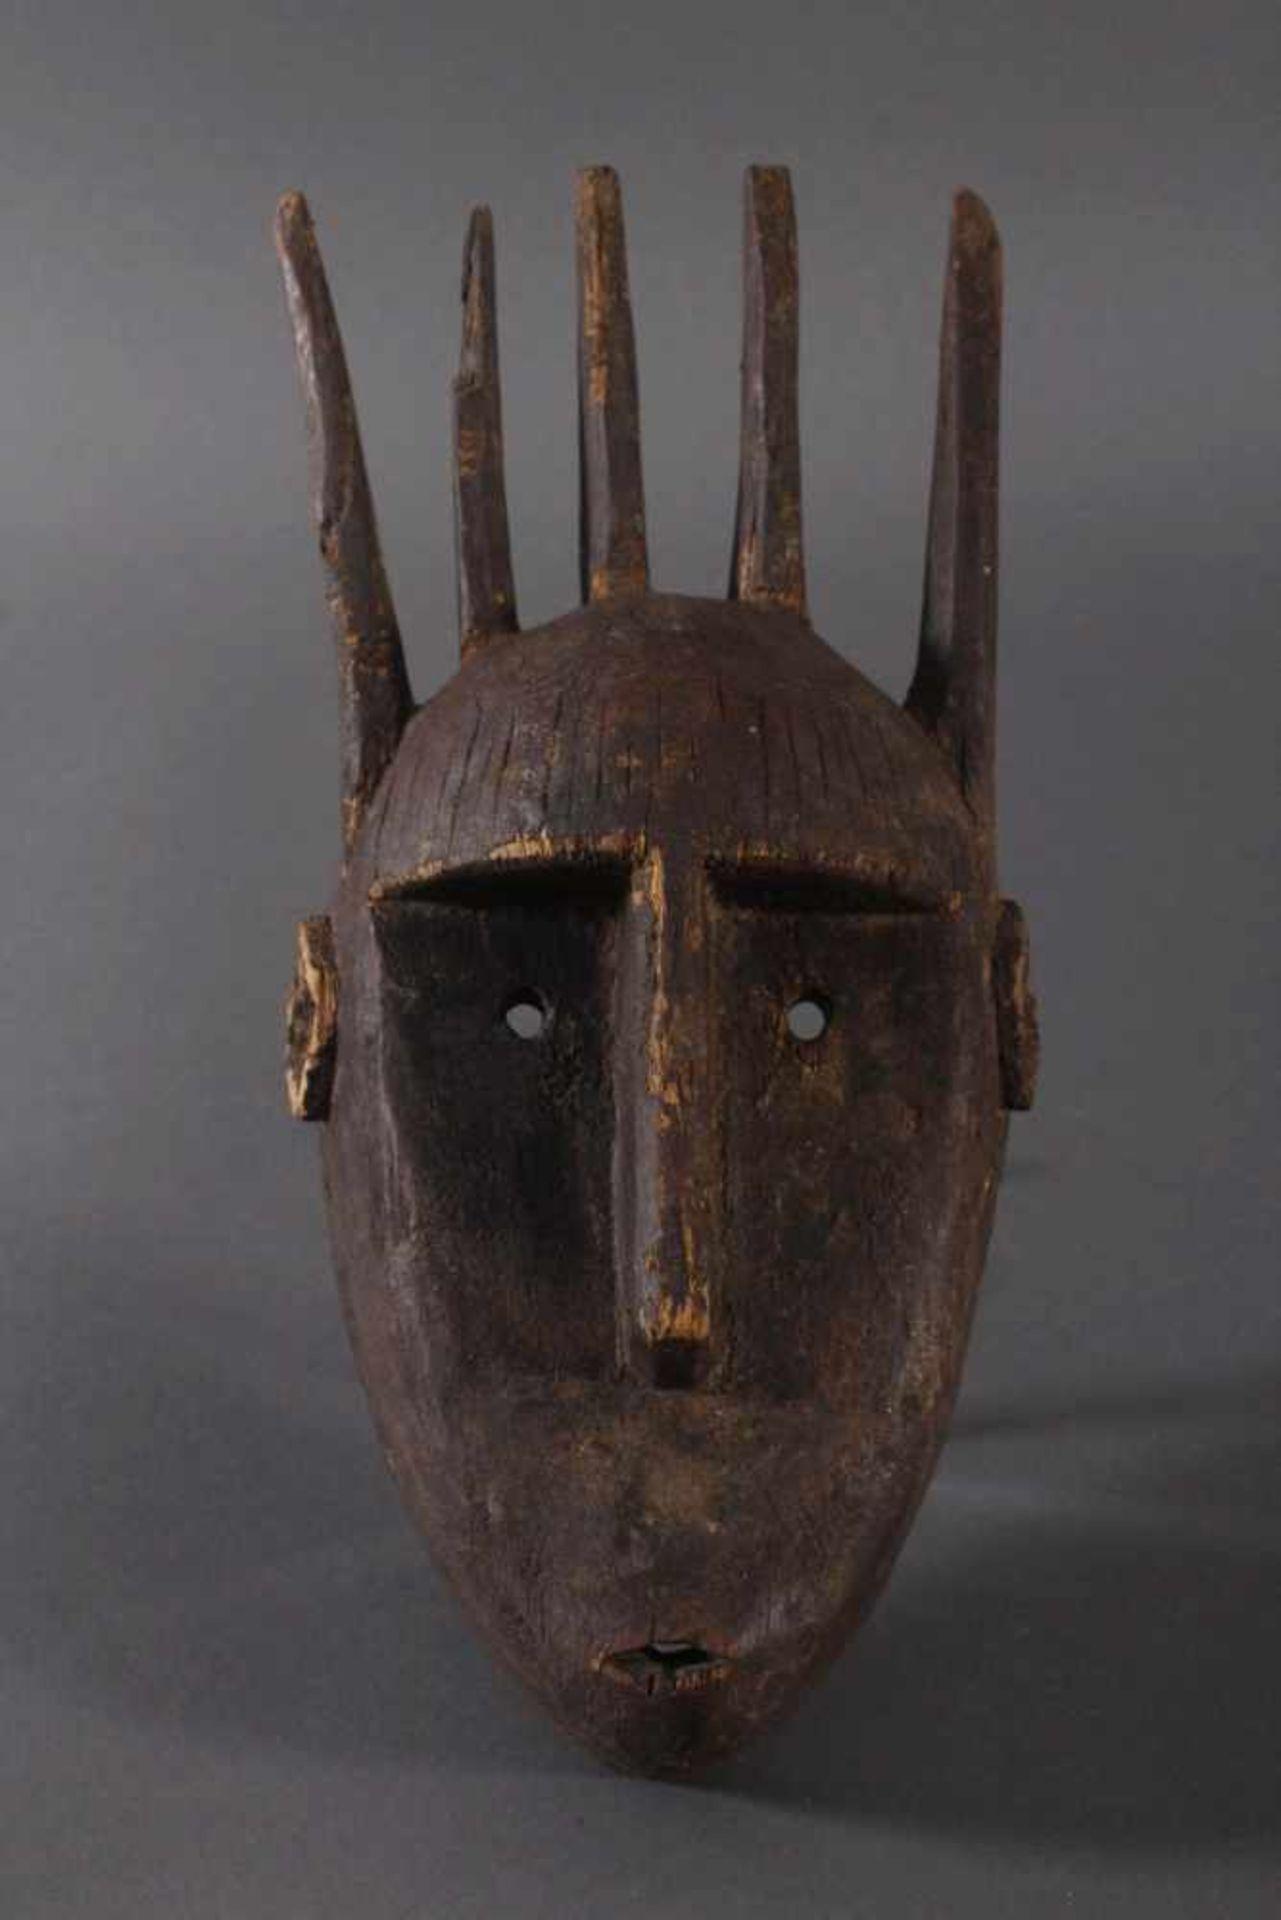 Antike Maske, Marka, Mali 1.Hälfte 19. Jh.Holz geschnitzt, spitz ovales, schlankes Gesicht mit